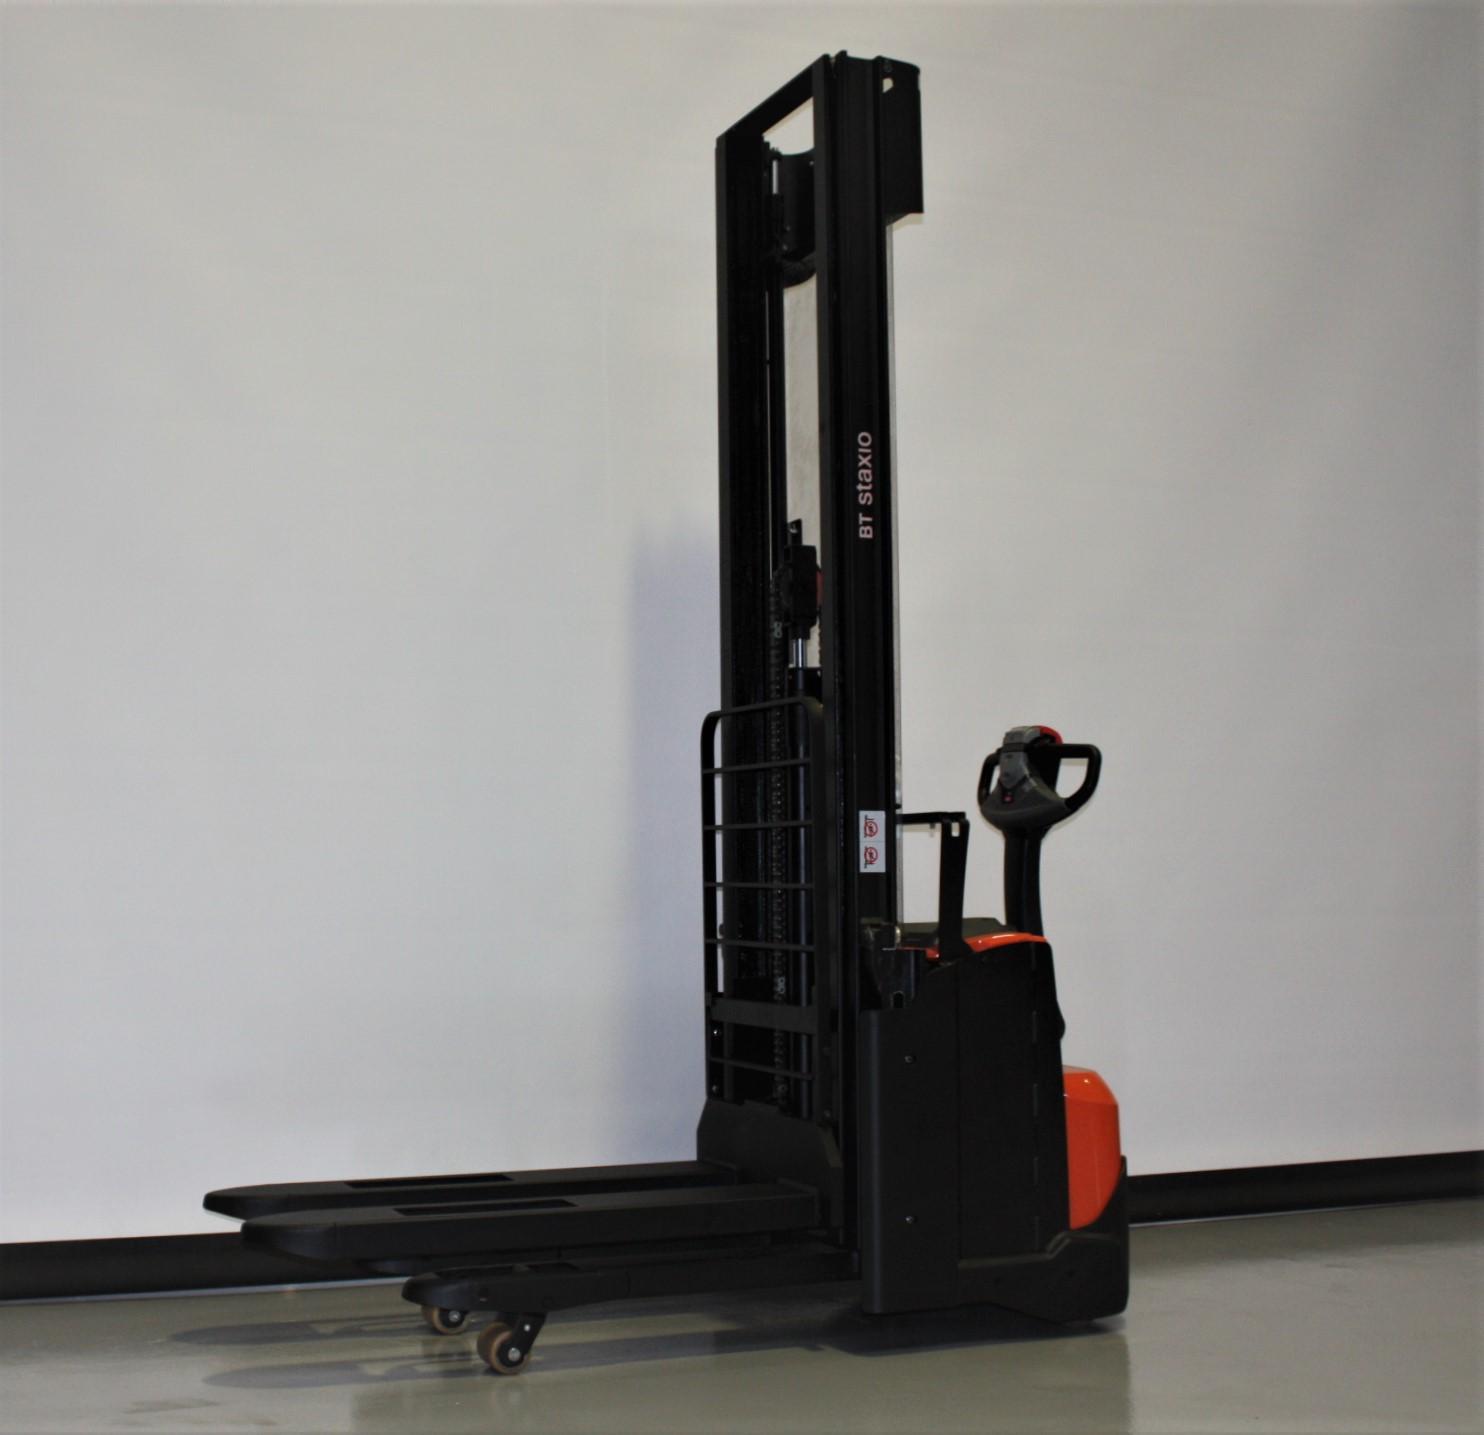 Toyota-Gabelstapler-59840 1911038003 1 11